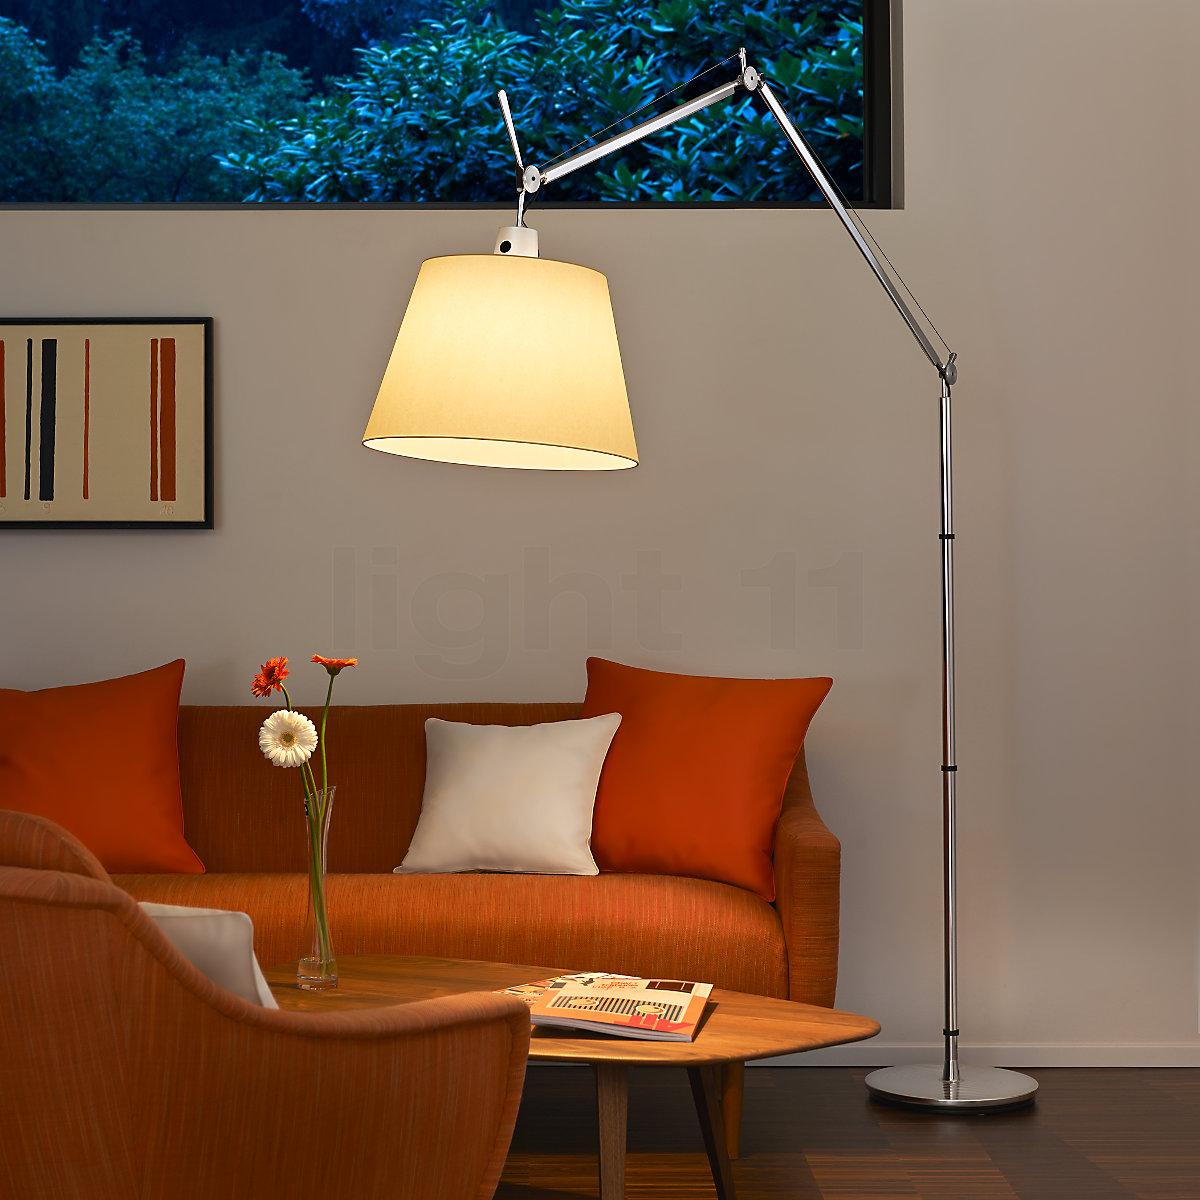 Buy Artemide Tolomeo Mega Terra With Dimmer At Light11 Eu